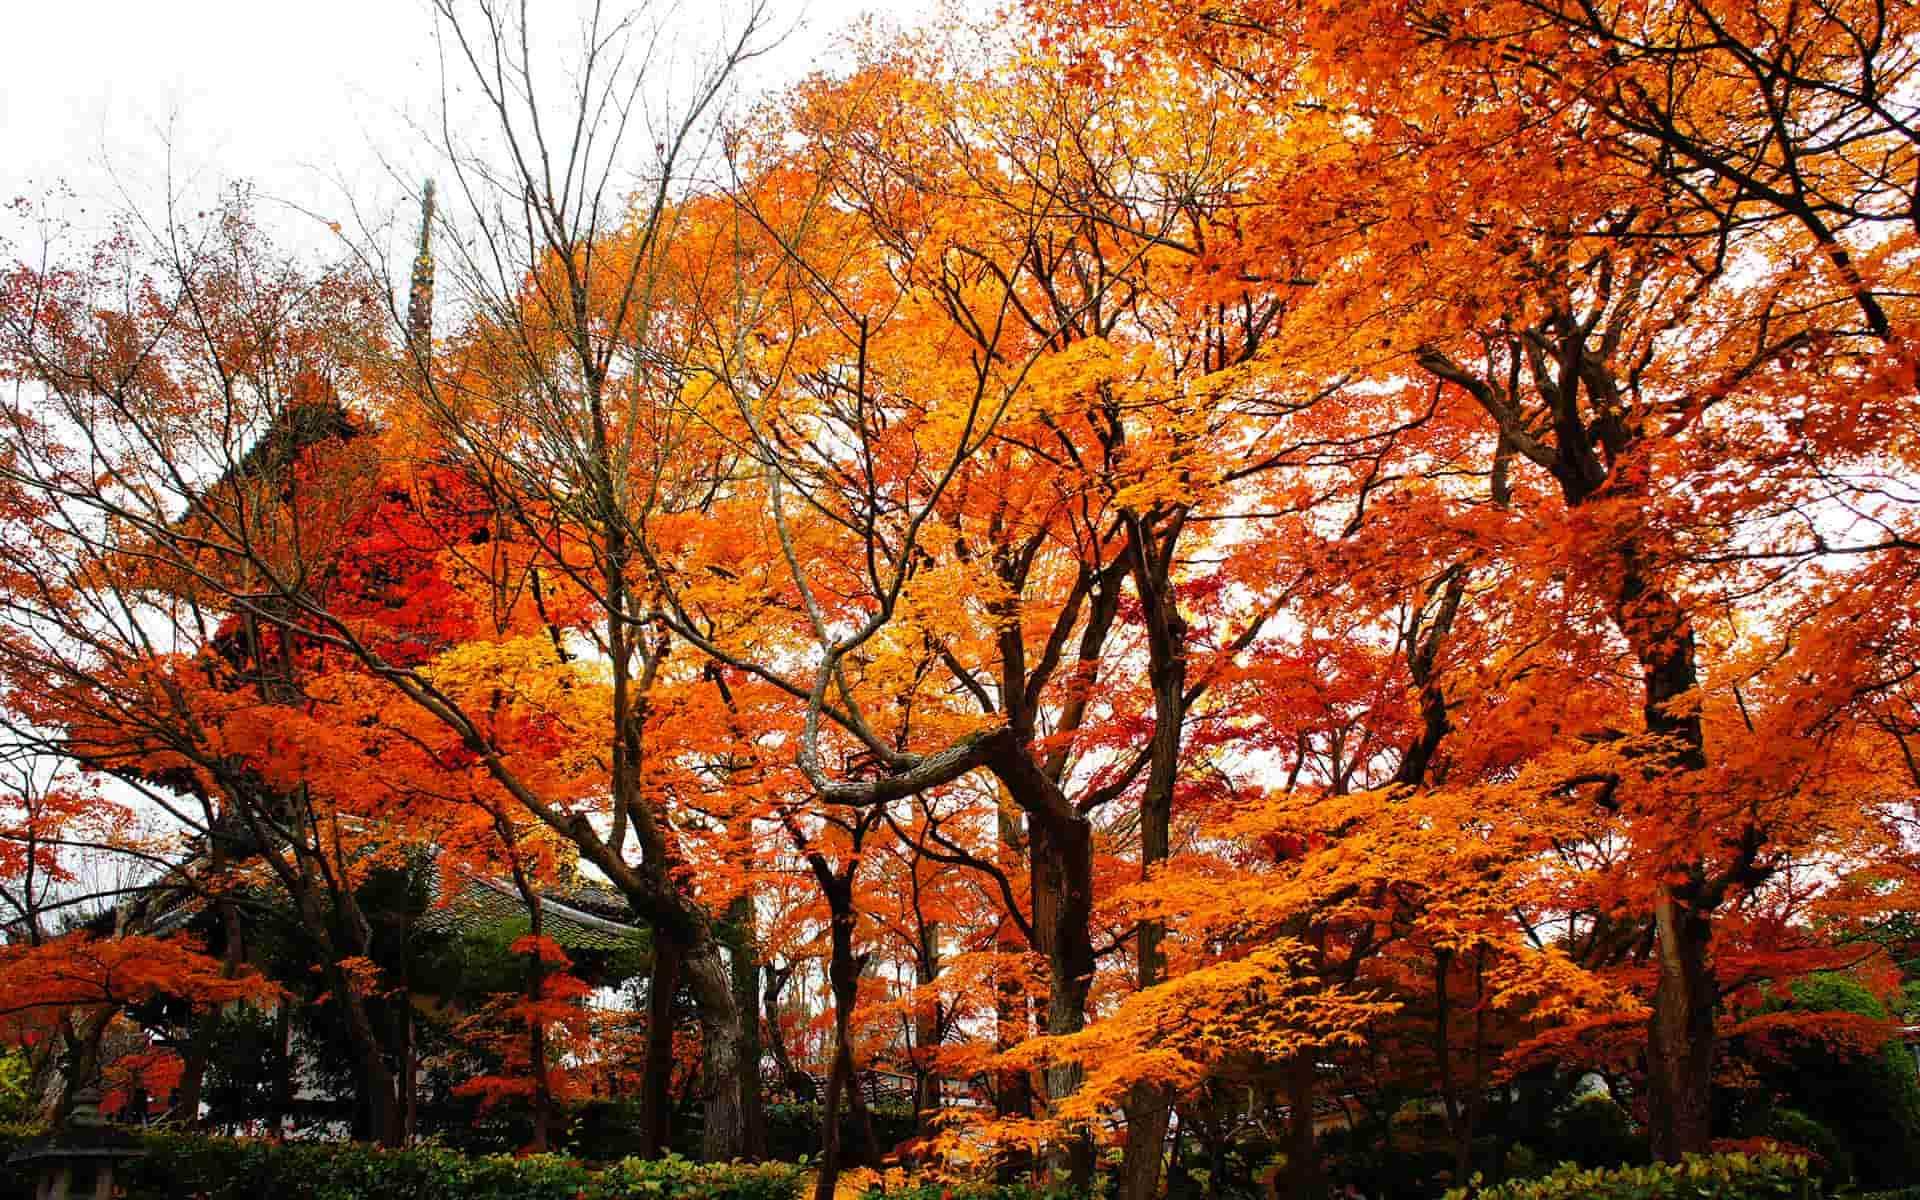 京都の紅葉は小さな美術館が穴場。混雑を避けて楽しむ、12月の賢い巡り方